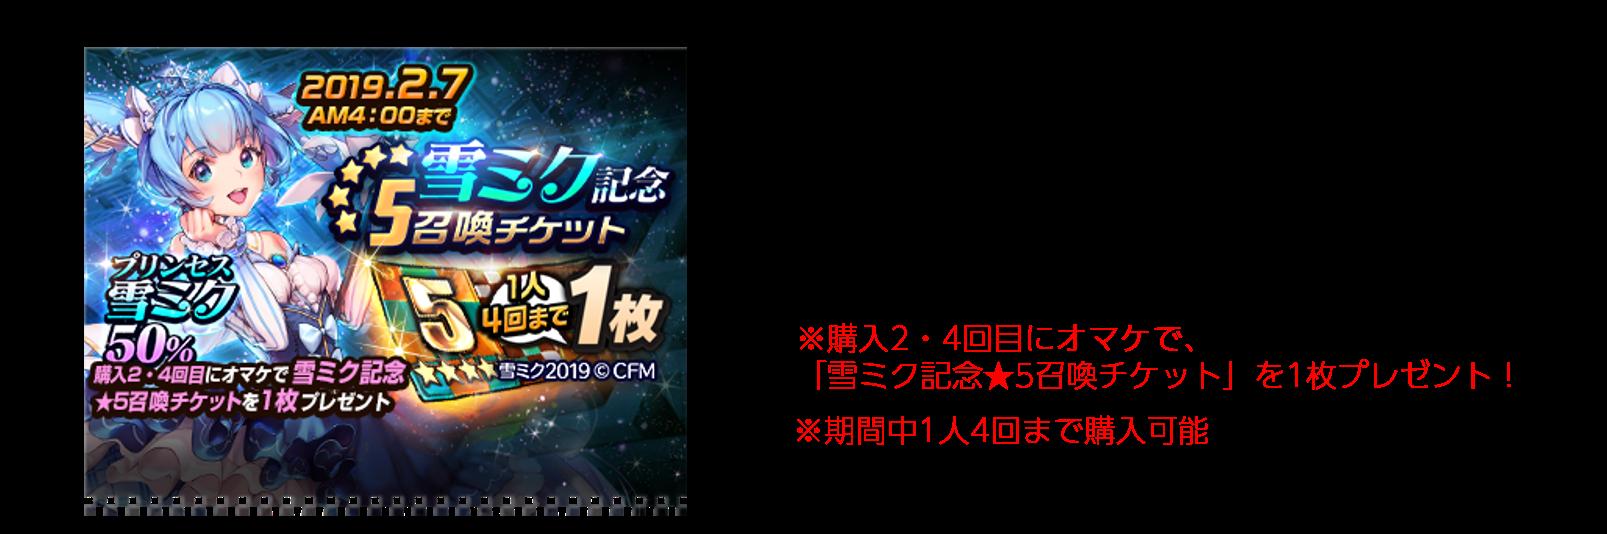 ショップ_ブログ2